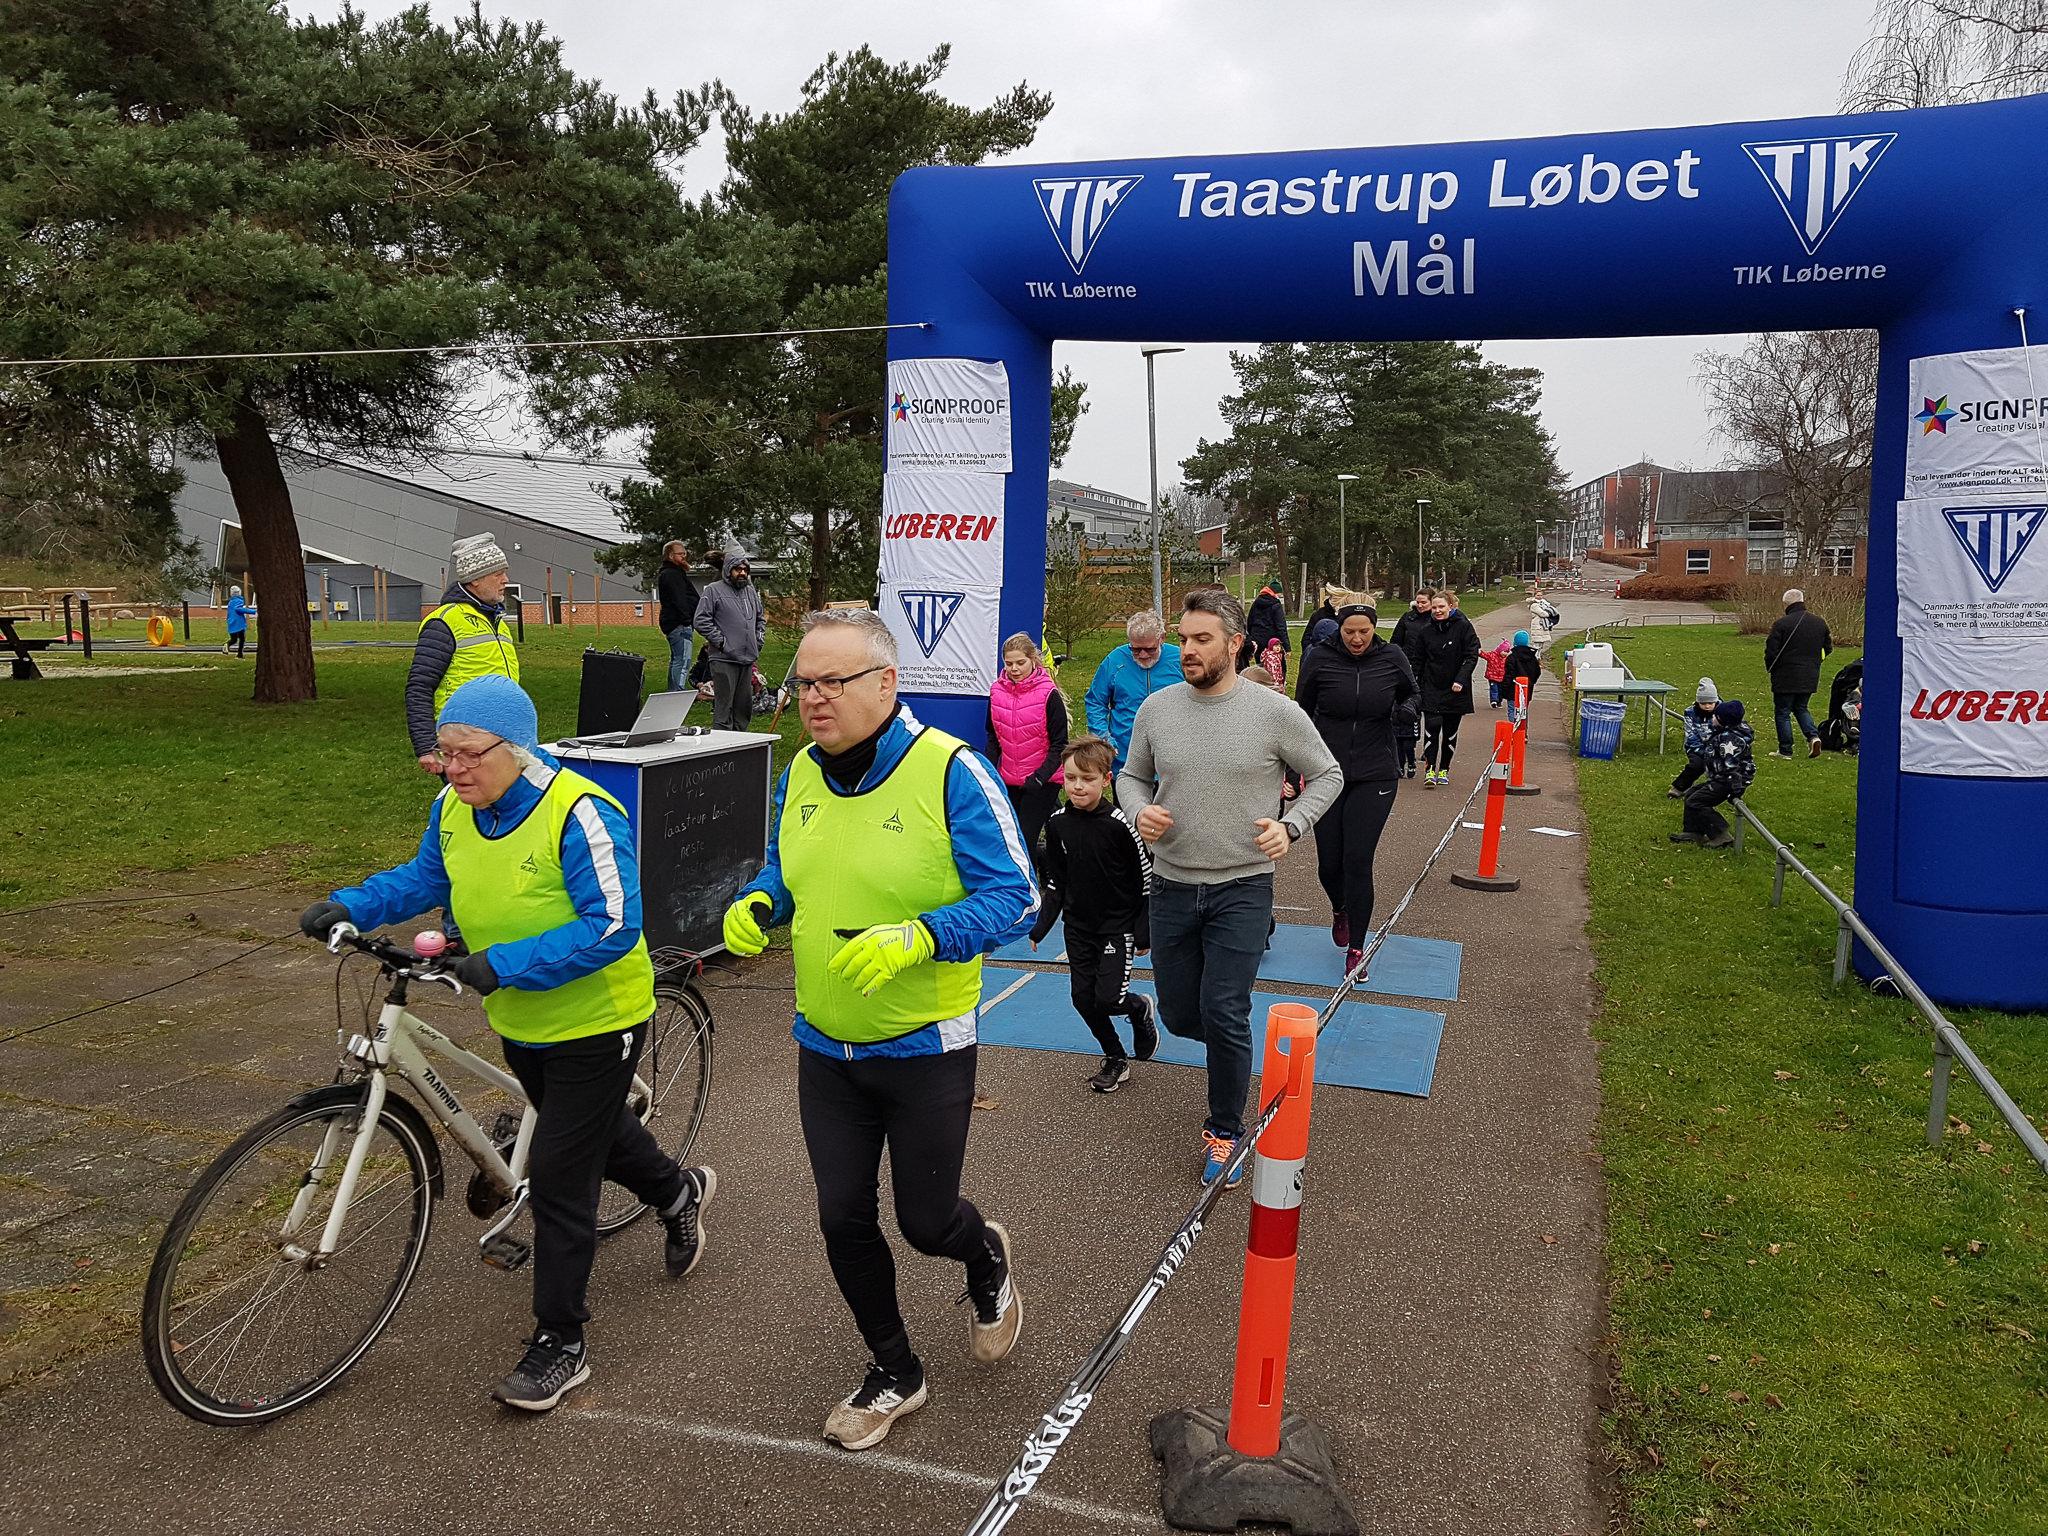 2020-02-09-230-Taastrup-Løbet-2020-02